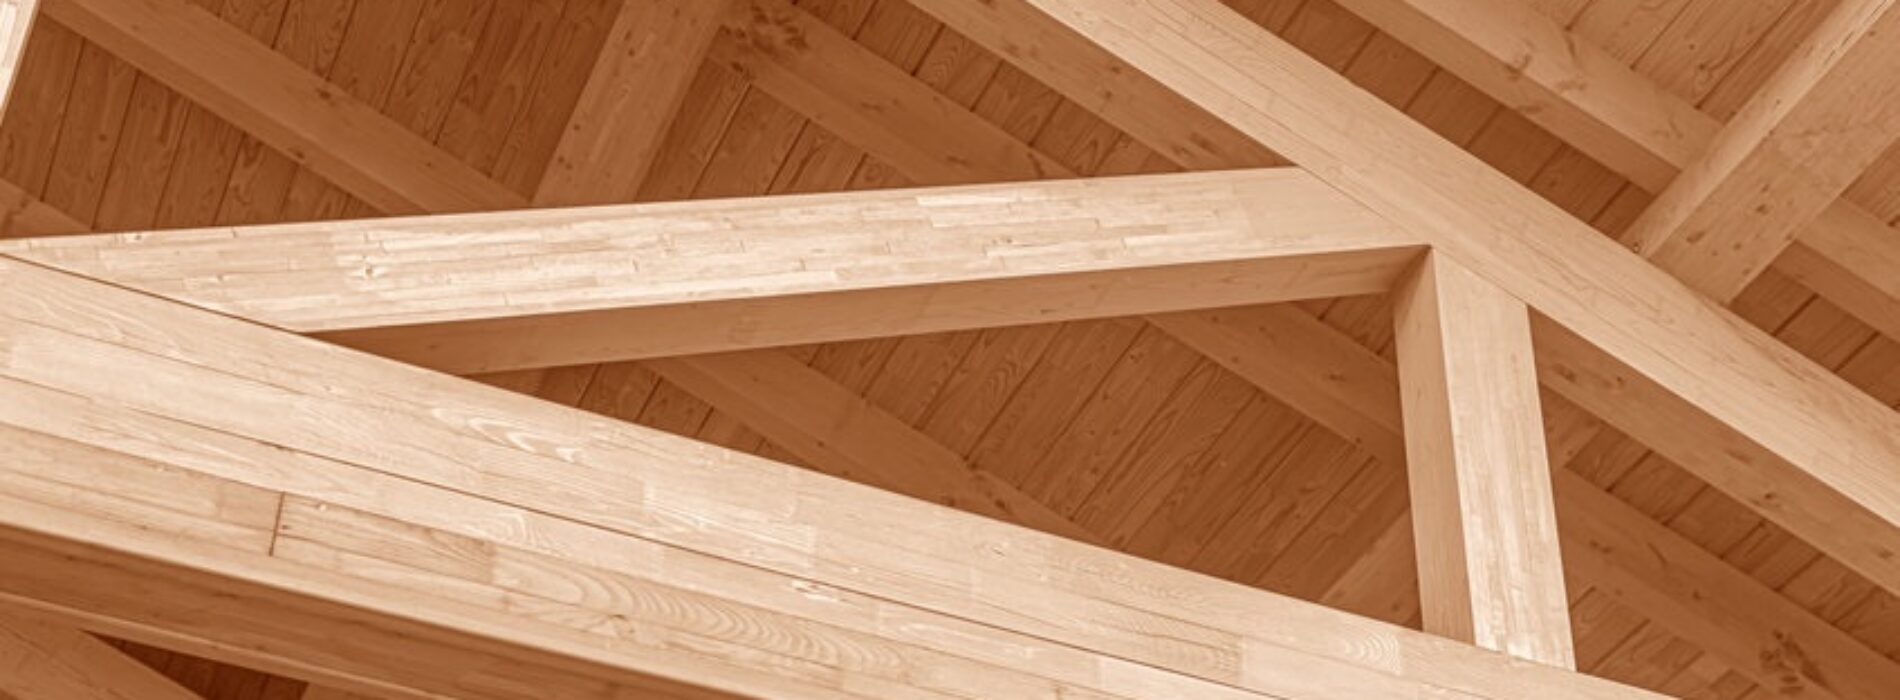 Jaka jakość i klasa świadczą o tym, że warto zainwestować w drewno konstrukcyjne?